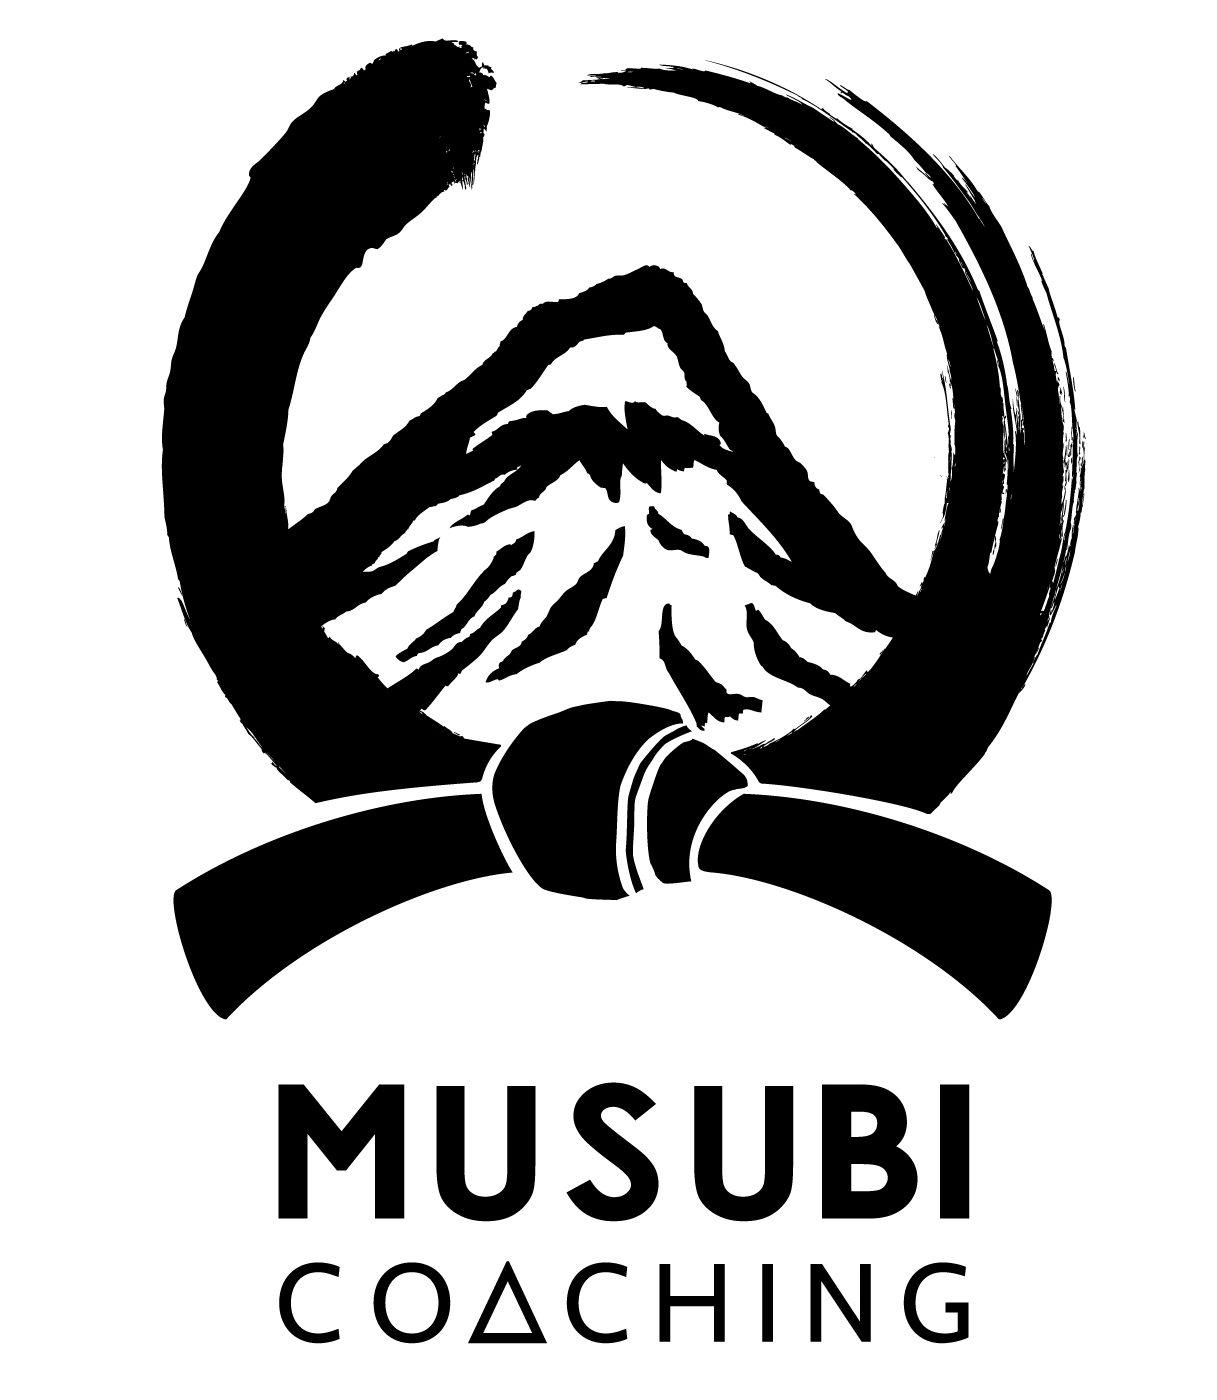 – Musubi Coaching –